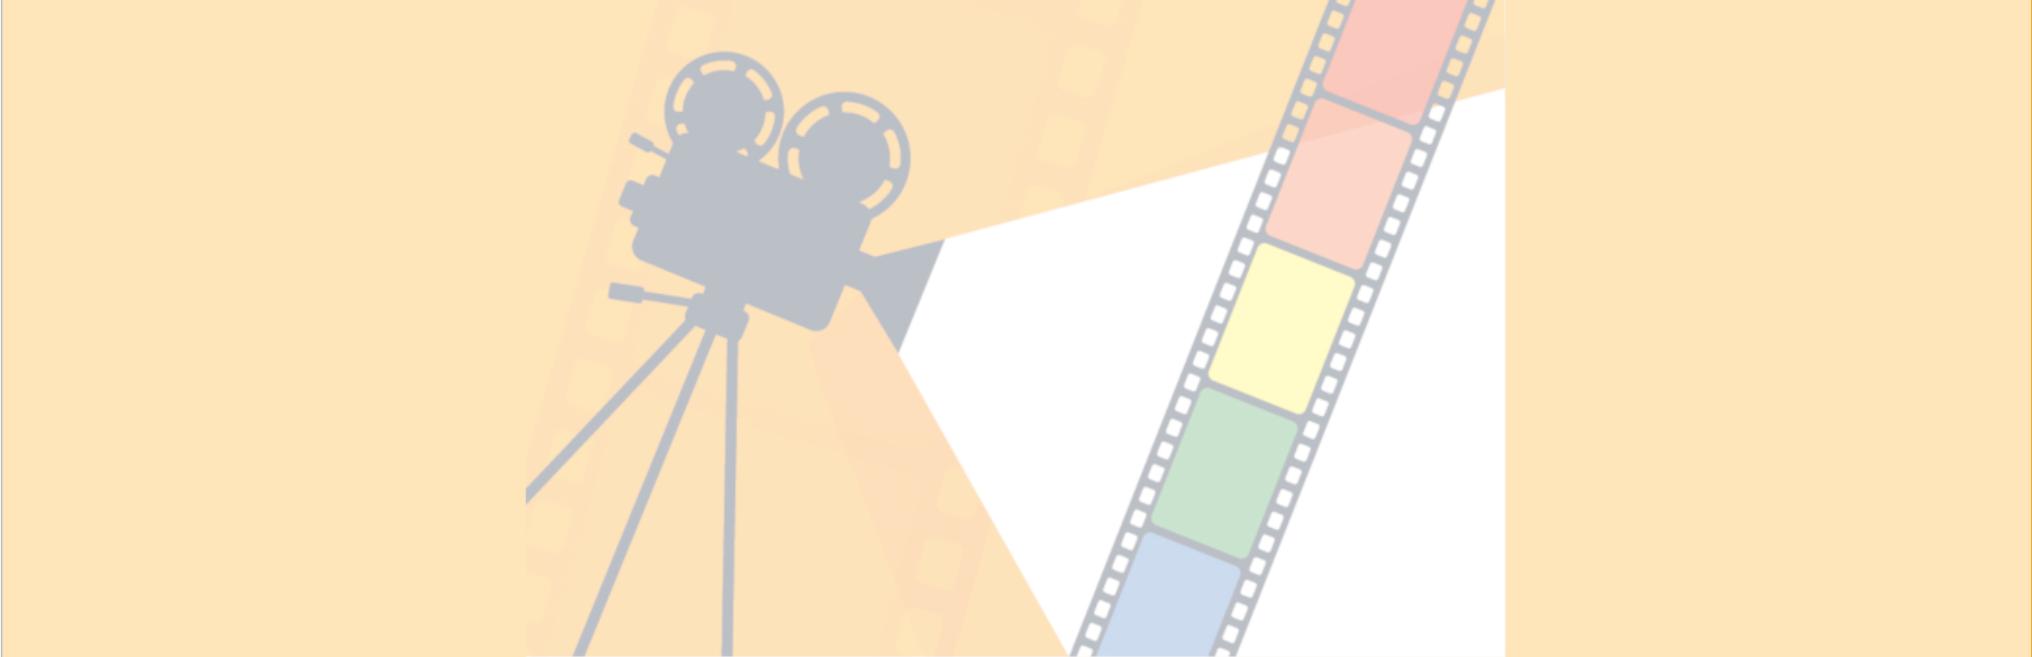 أفلام عن مجتمع الميم-عين تستحقّ المشاهدة